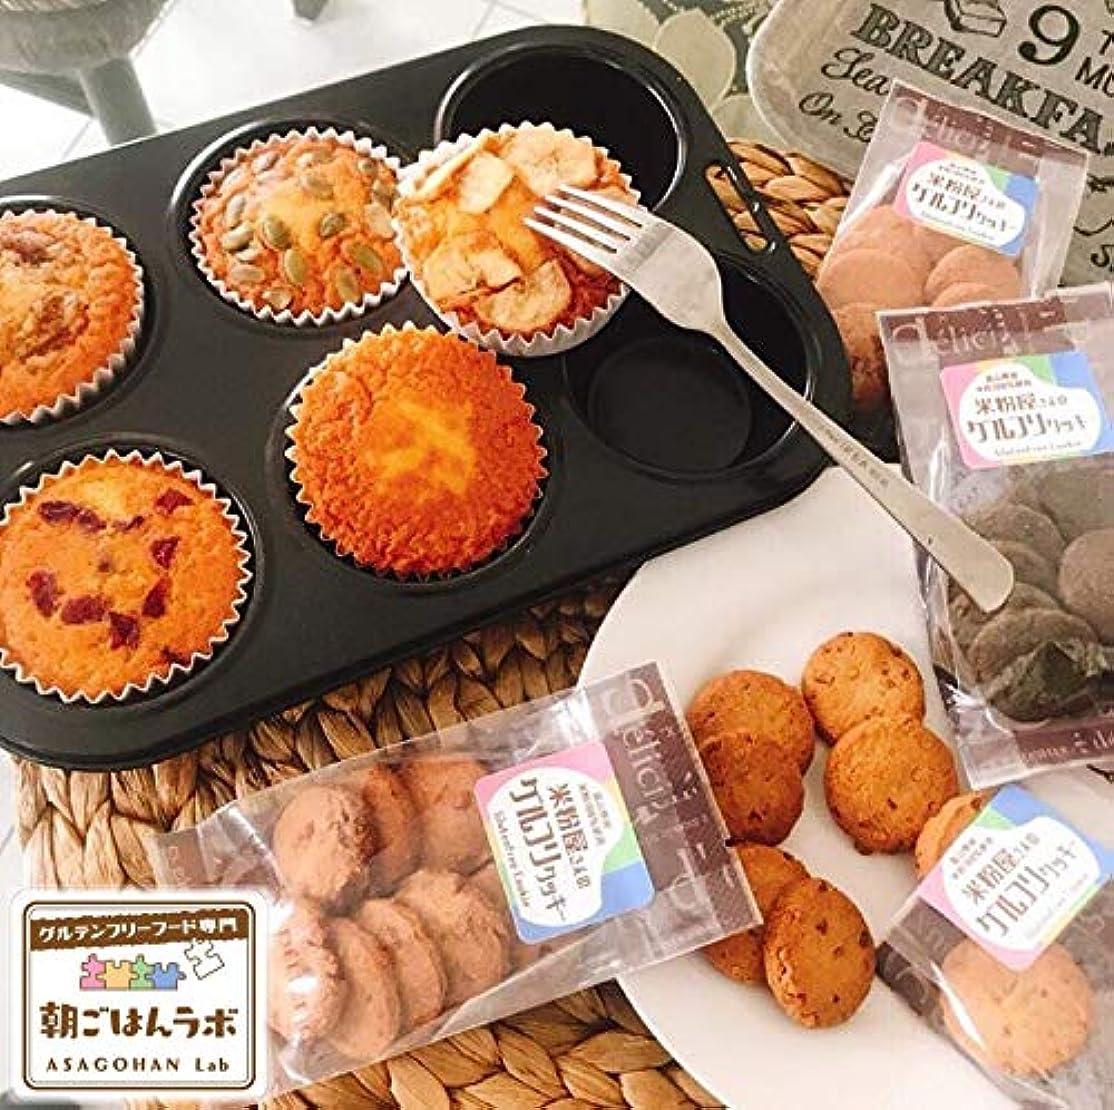 セラー下る金額米粉屋さんのグルフリクッキー小袋 4袋&グルフリベイク5個 グルテンフリー 朝ごはんラボ